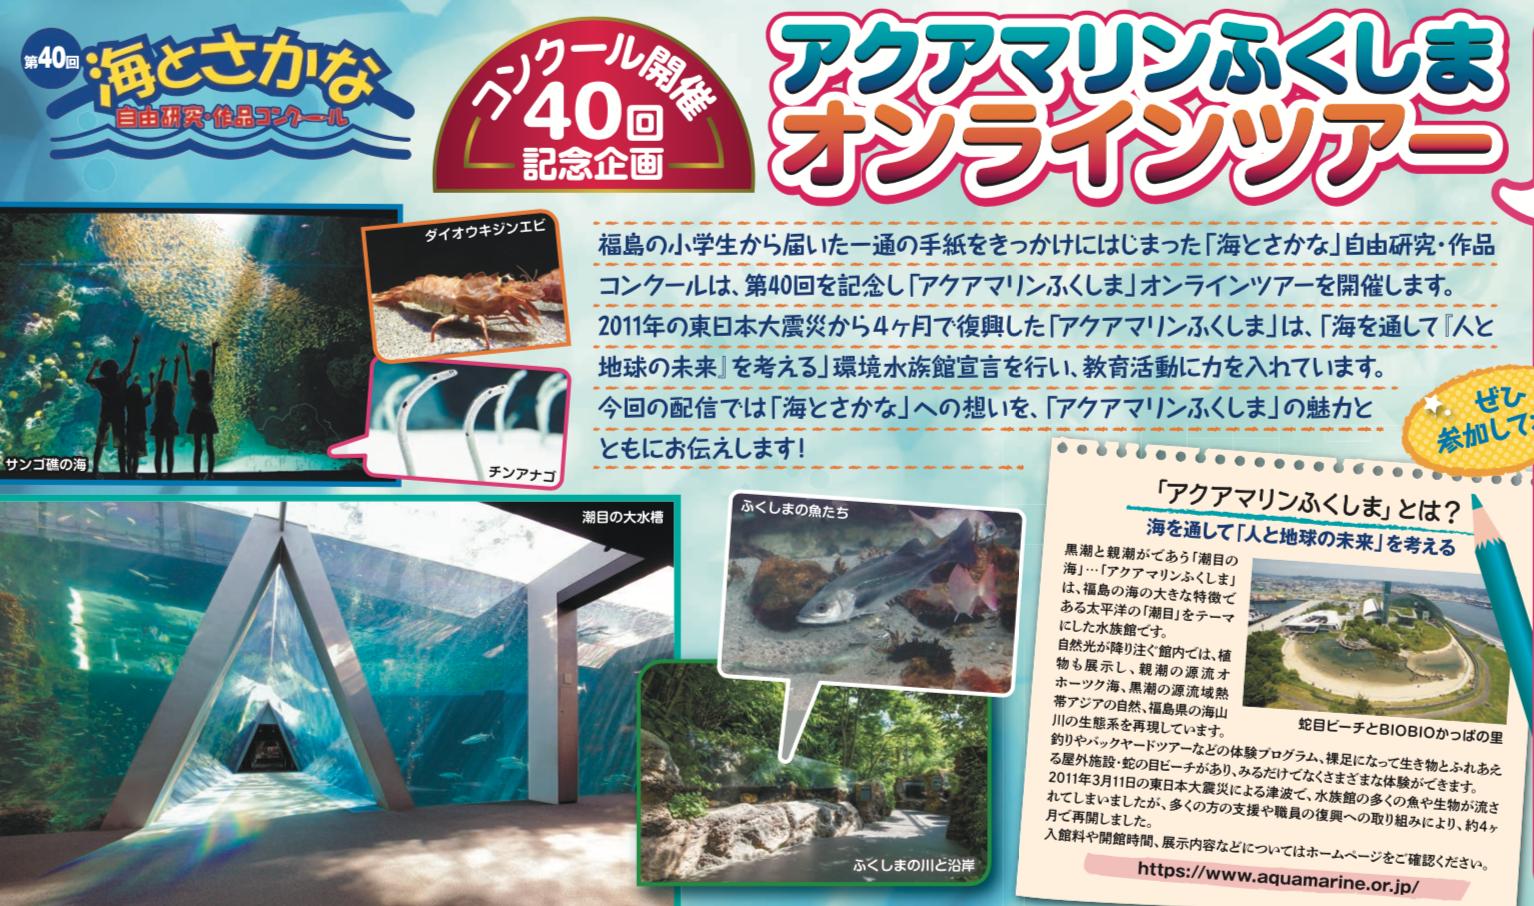 7/18(日)YouTubeライブ配信<br>「アクアマリンふくしま」オンラインツアー開催!